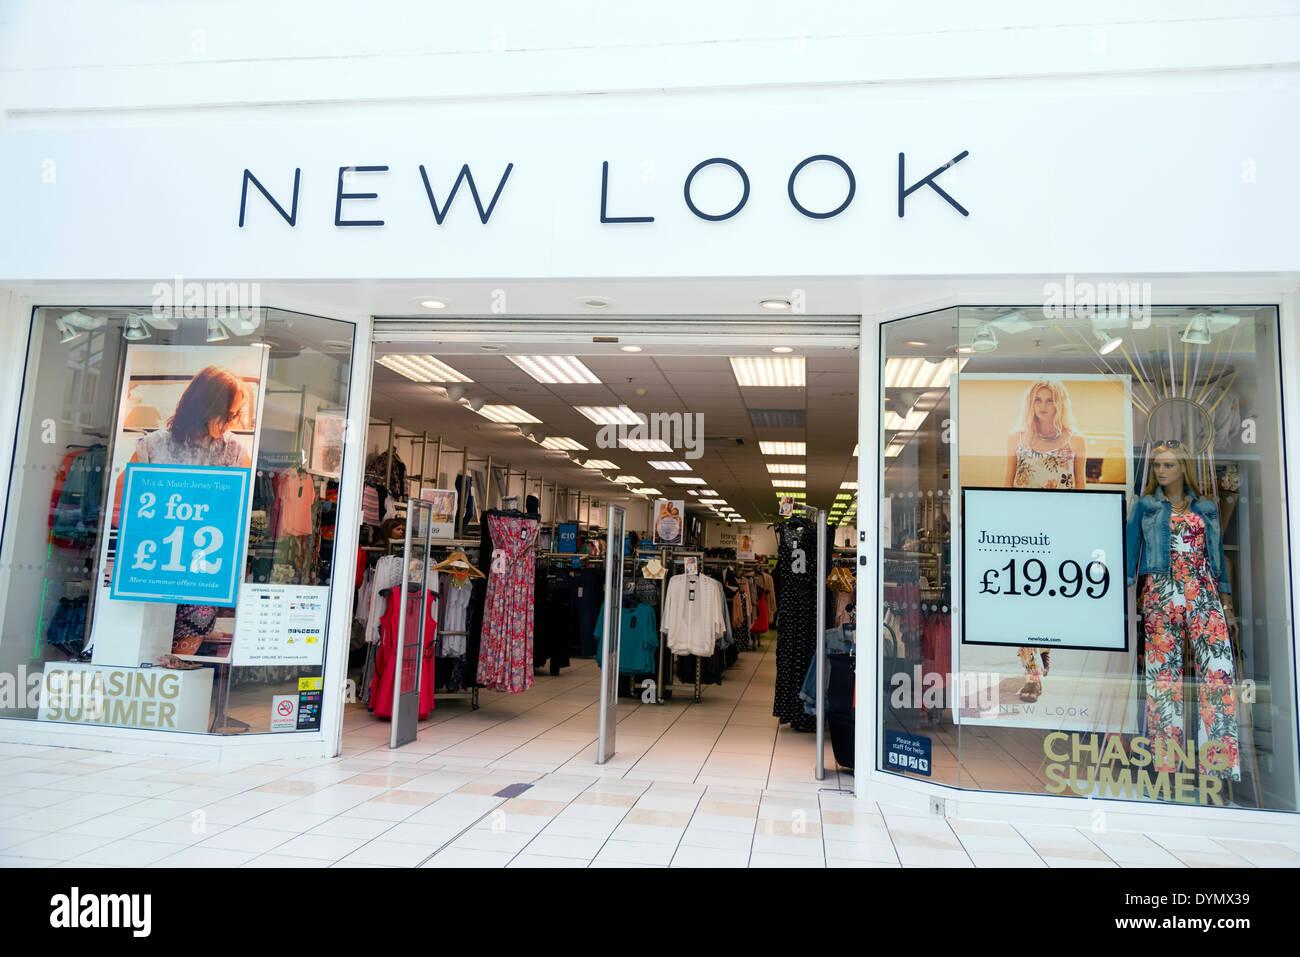 New Look store in Evesham, UK. Stock Photo